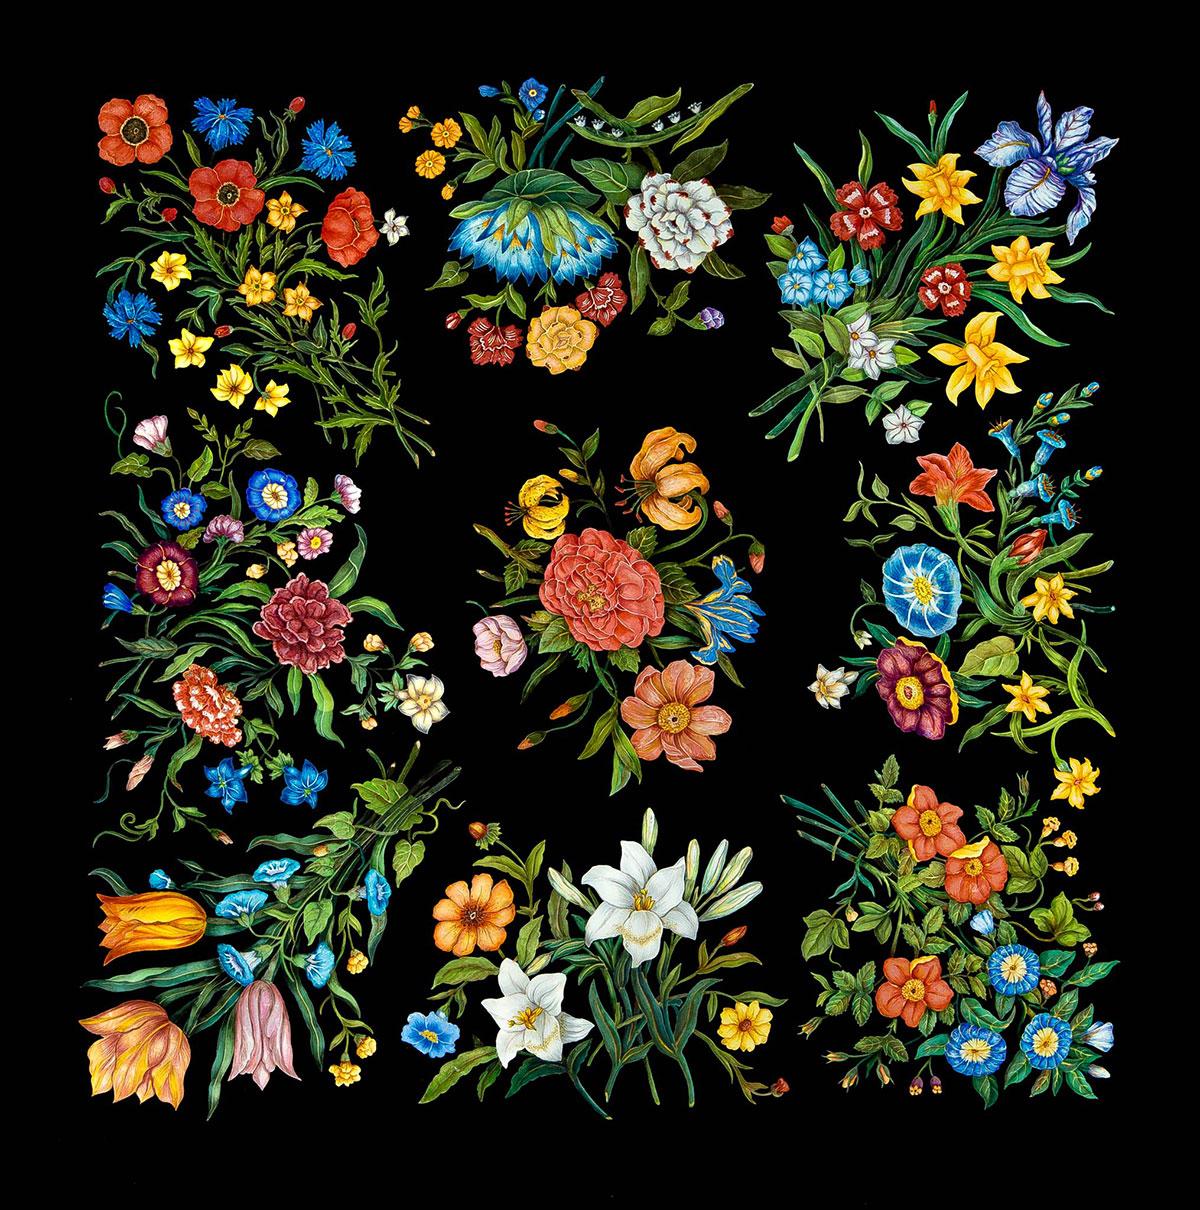 """Piano di tavolo intarsiato in scagliola su ardesia """"Disegno Flowers"""". Il motivo decorativo è liberamente ispirato al famoso foulard """"Flora"""" della maison Gucci. © Bianco Bianchi"""